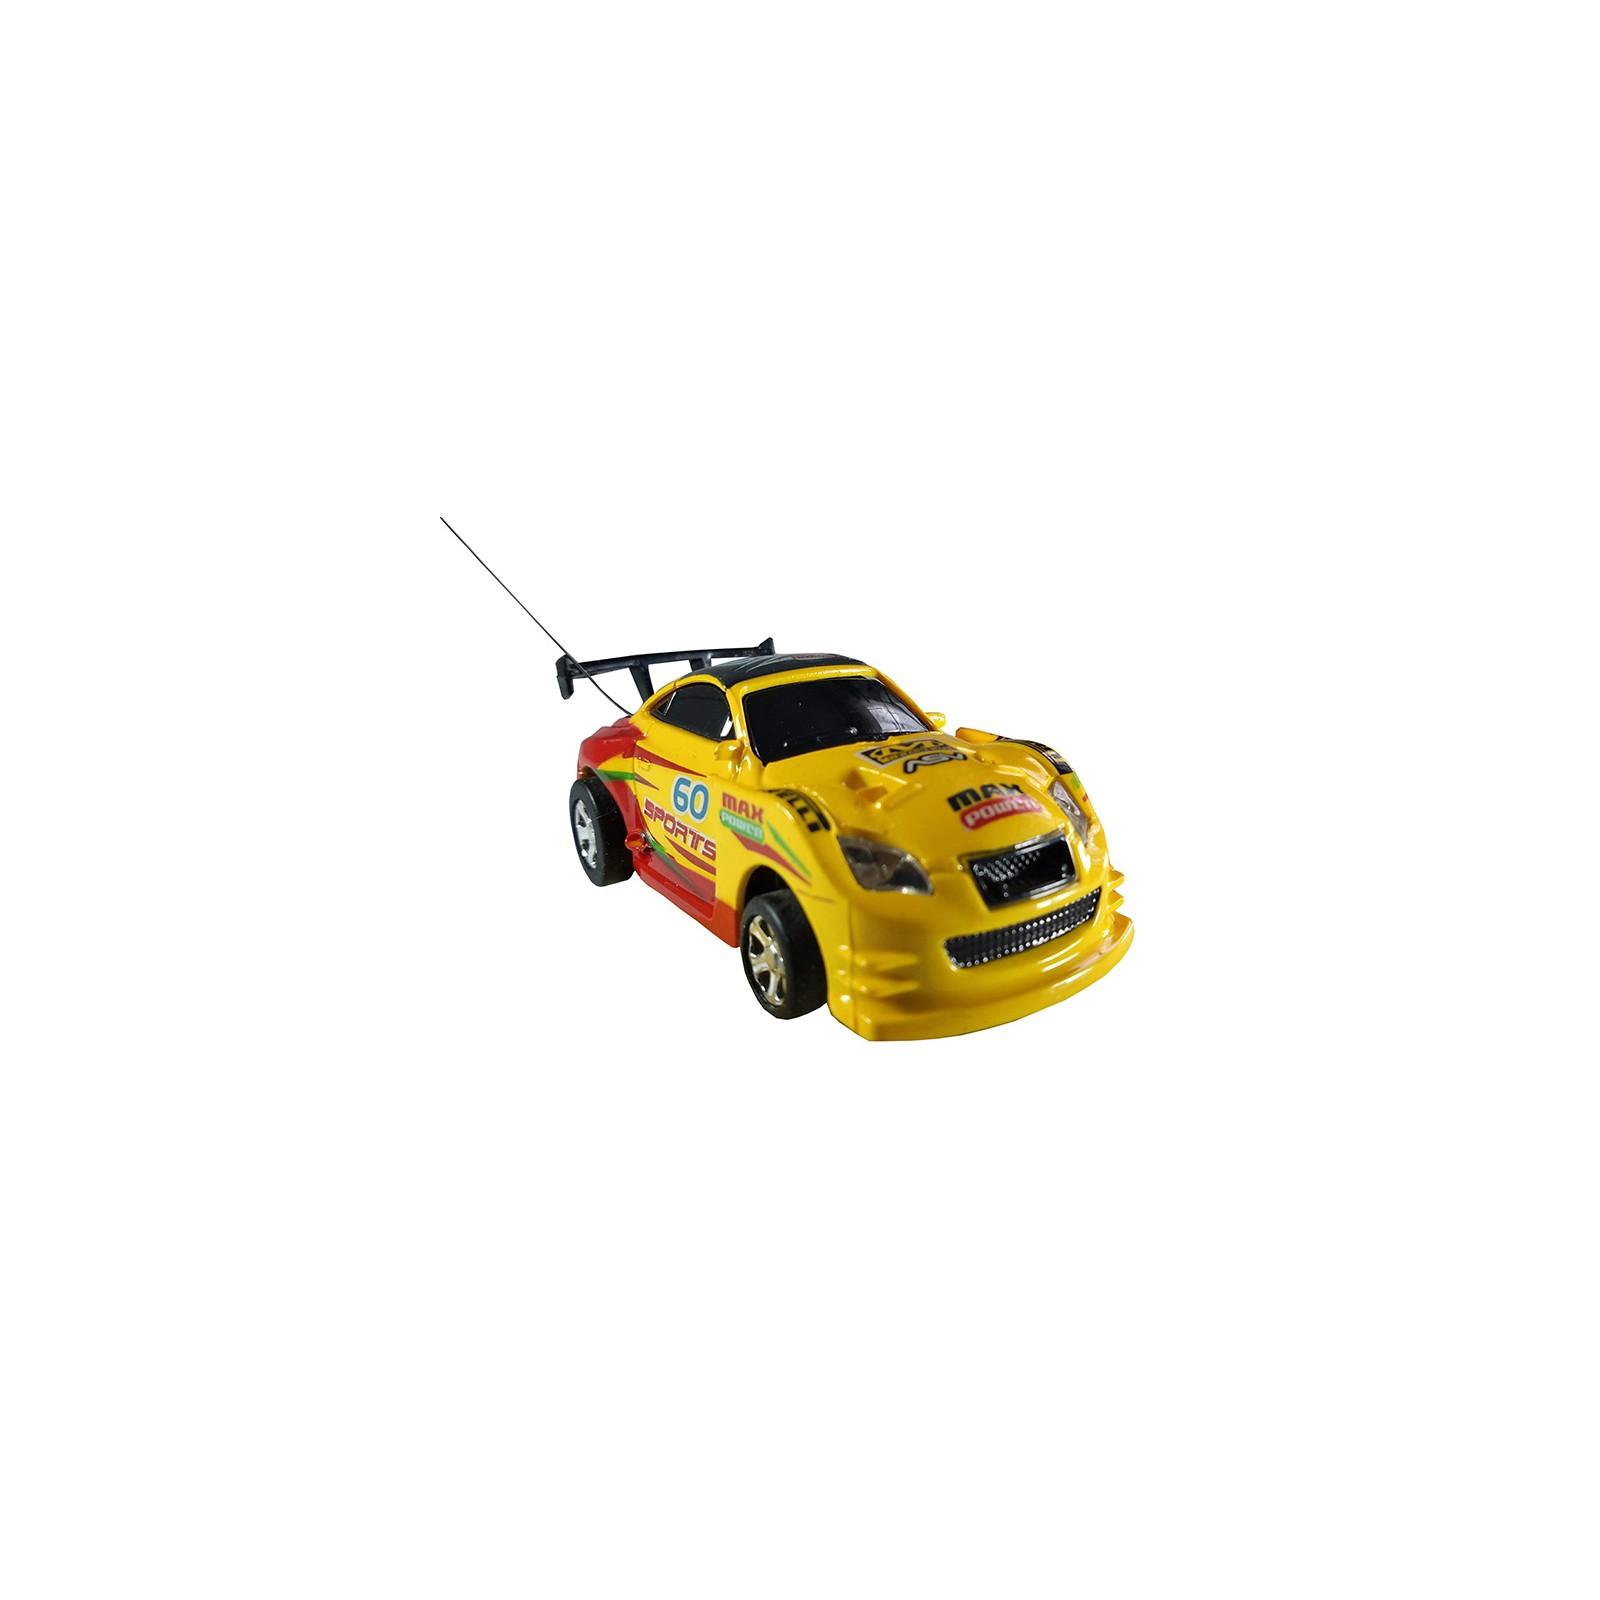 Mini Auto Carro Vehiculo Control Remoto Luces Juguete Ninos Lata